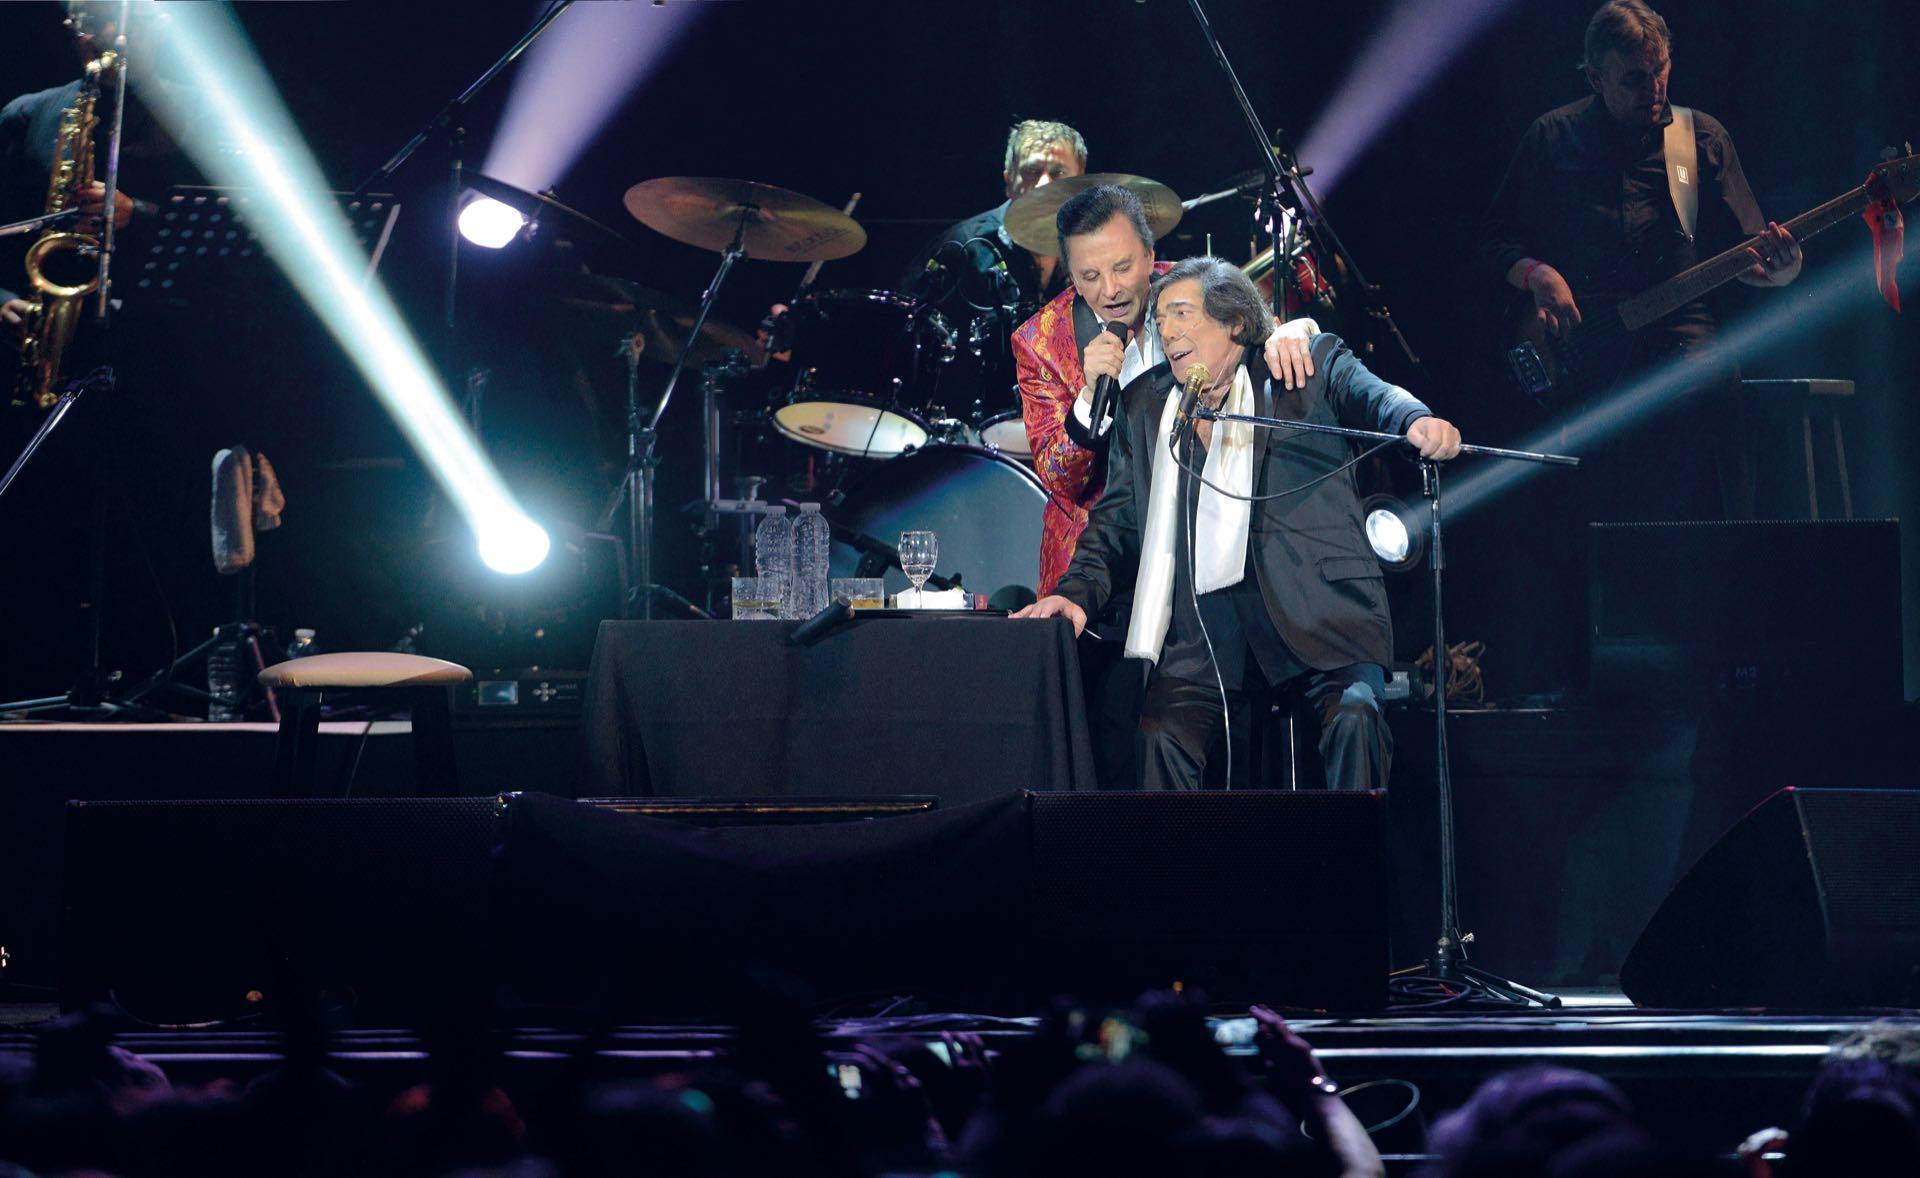 Palito Ortega y Cacho Castaña sobre el escenario